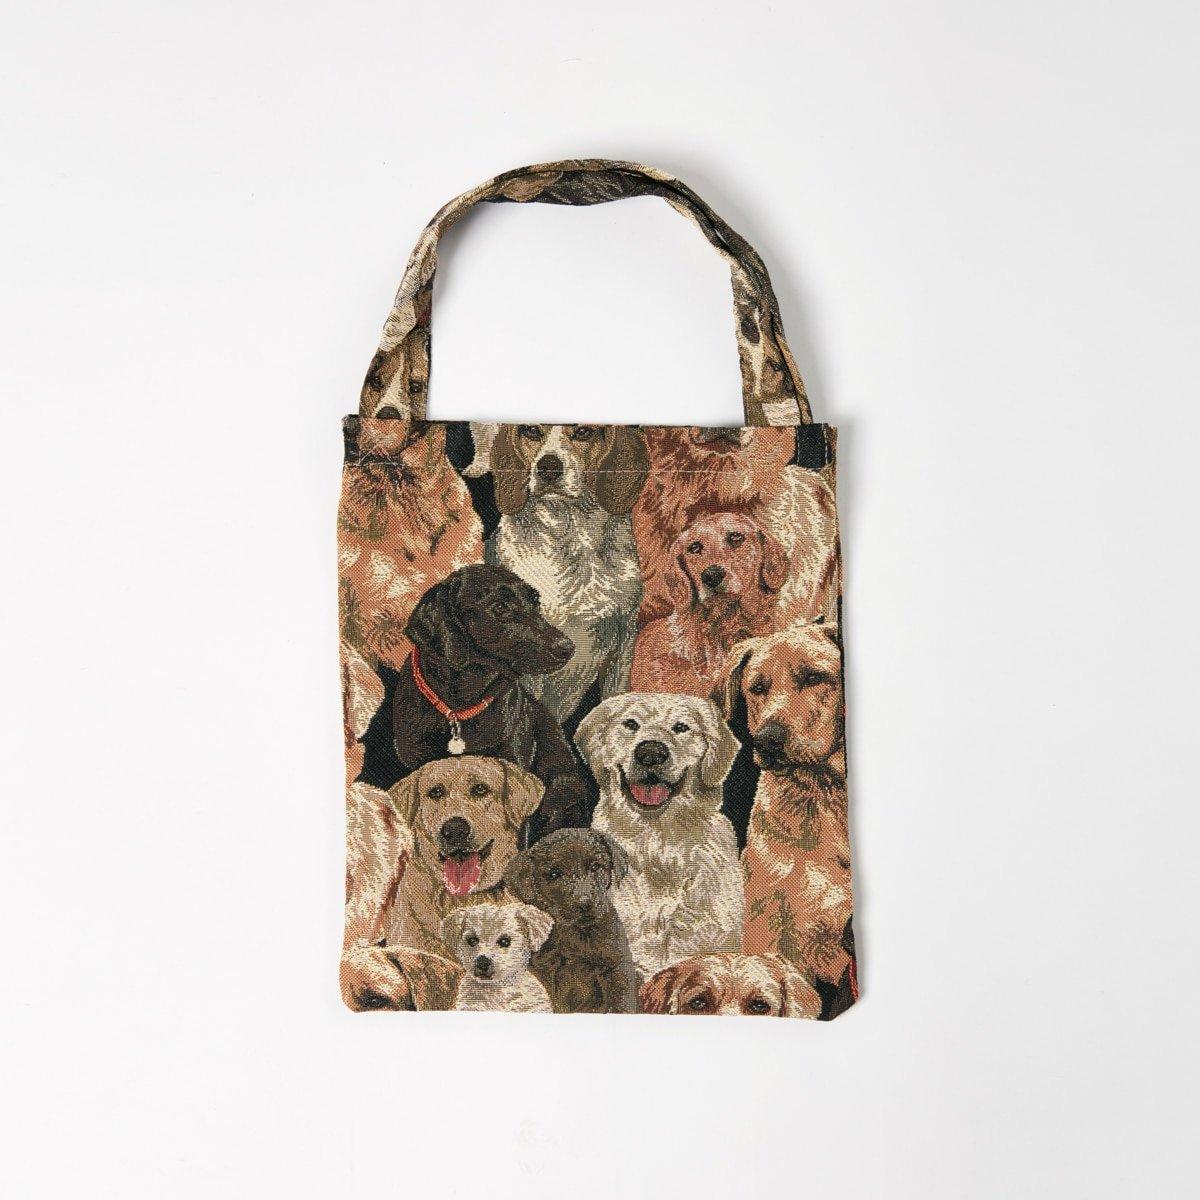 Bless Dog Bag Small